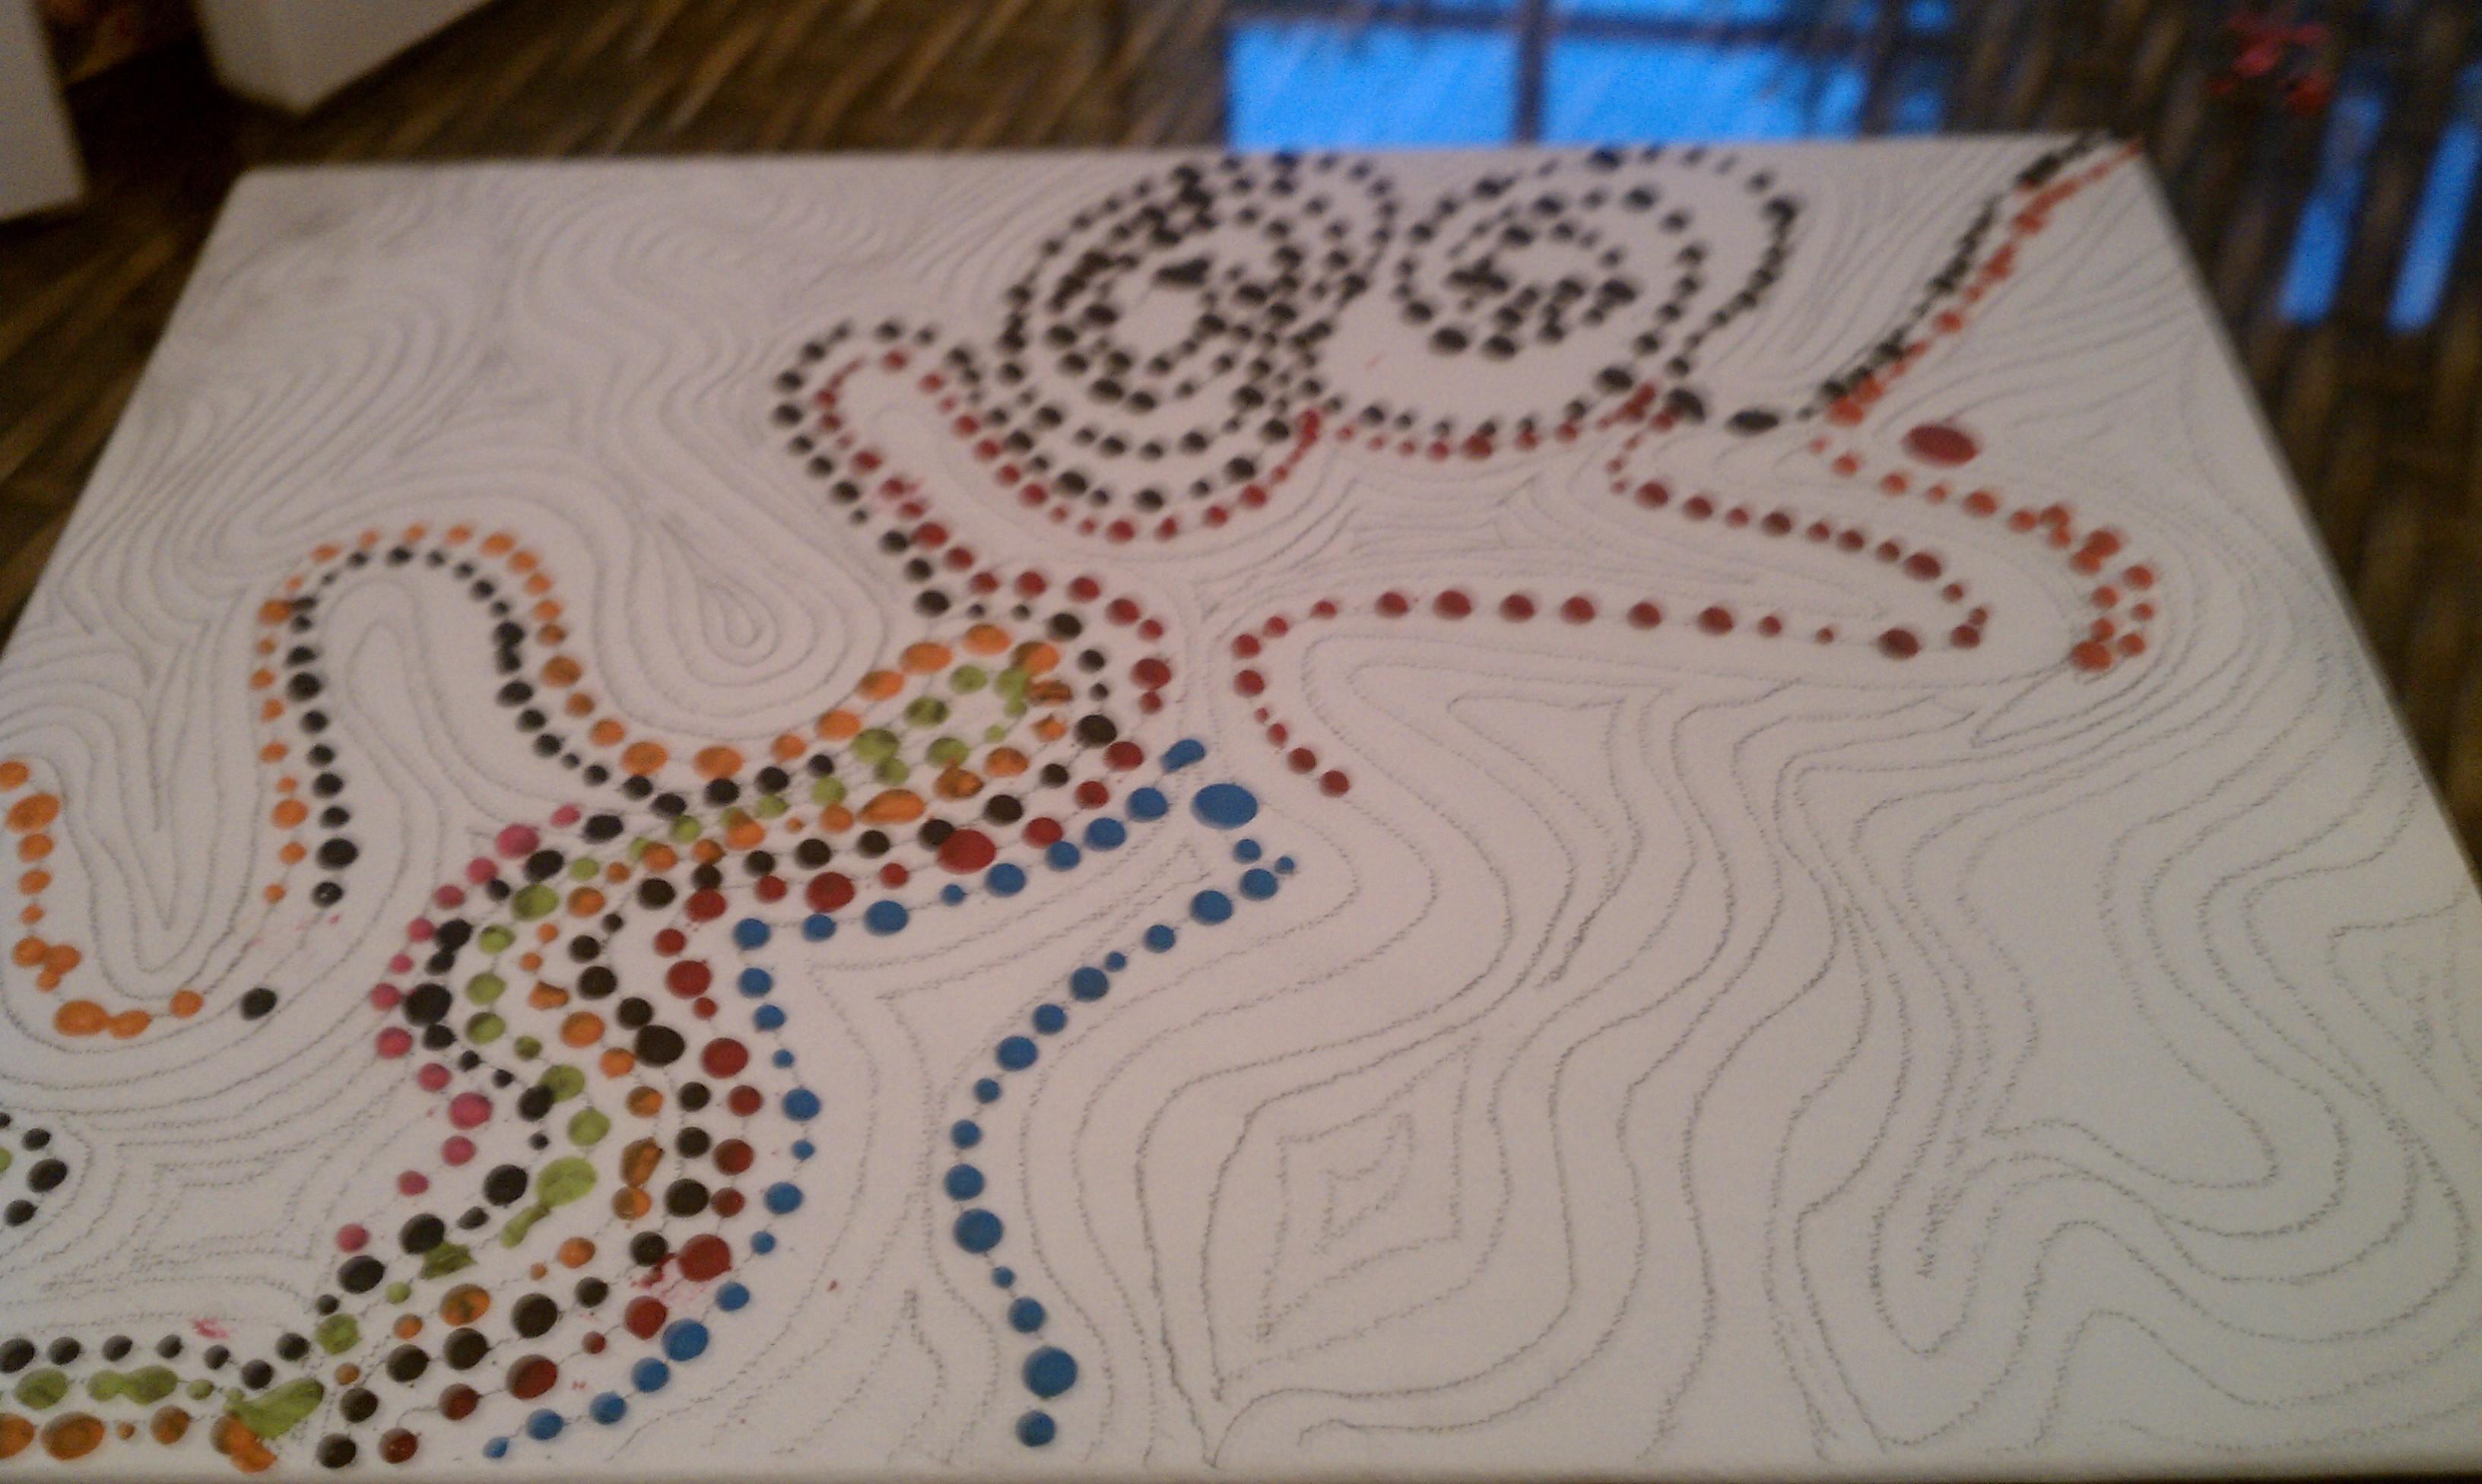 Wax Crayon Art Ideas